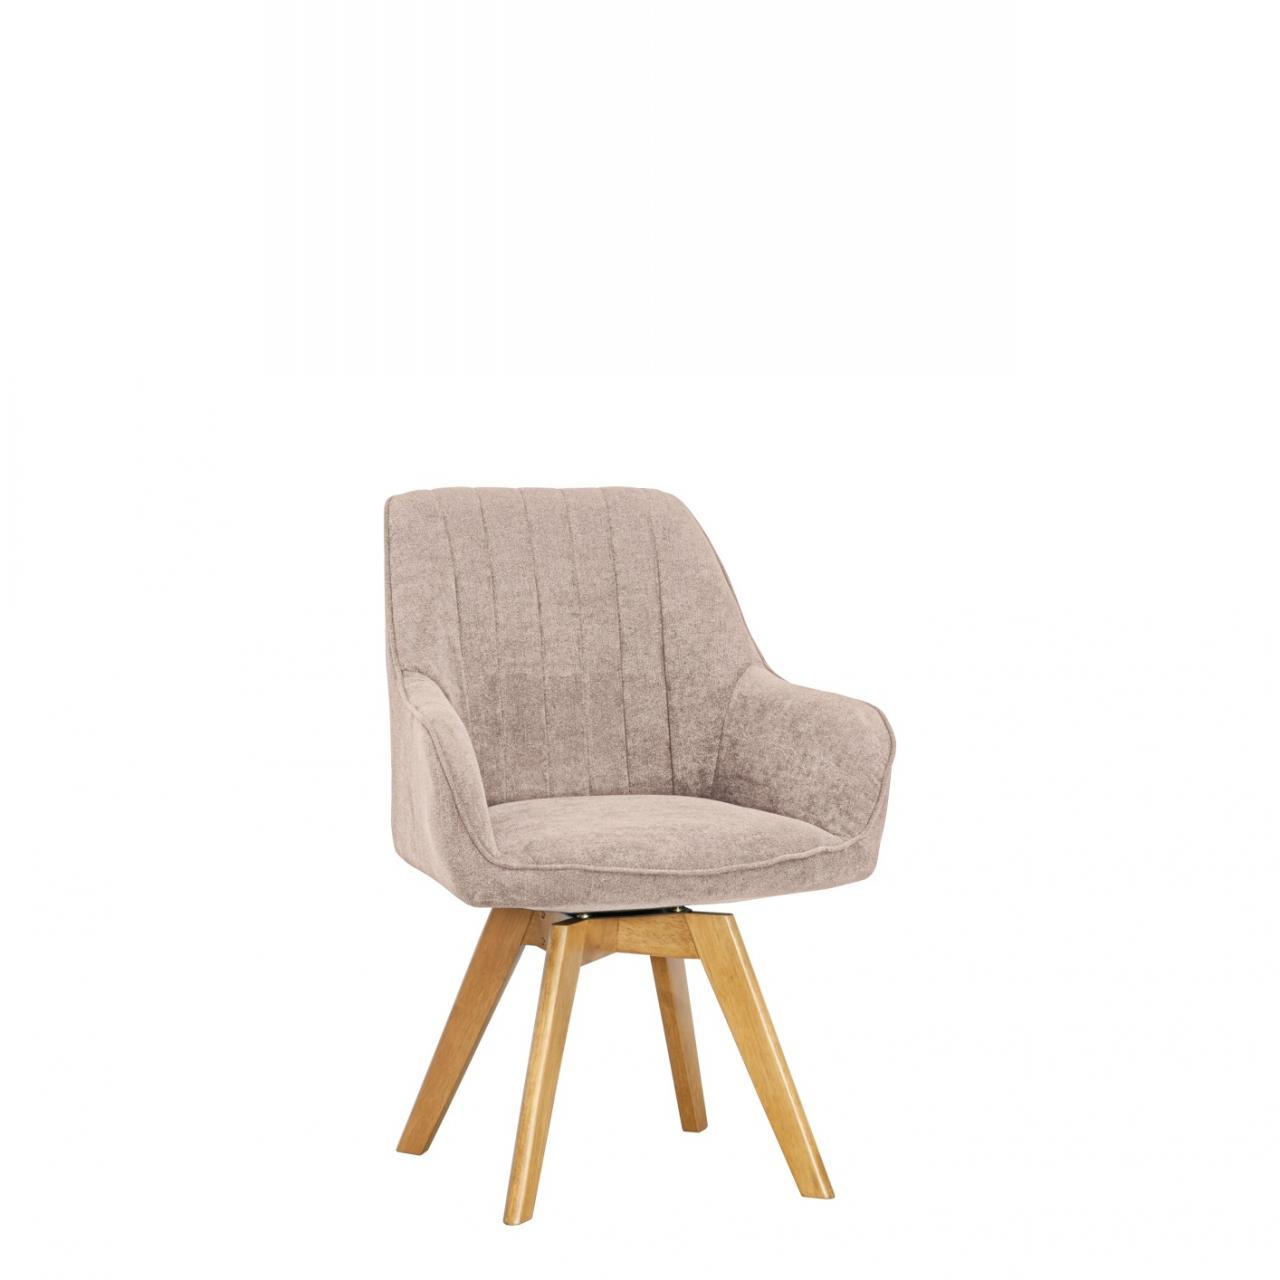 Stuhl ST-0160 Hellbraun Natur Massivholz Eiche Stoff Esszimmerstuhl Küche